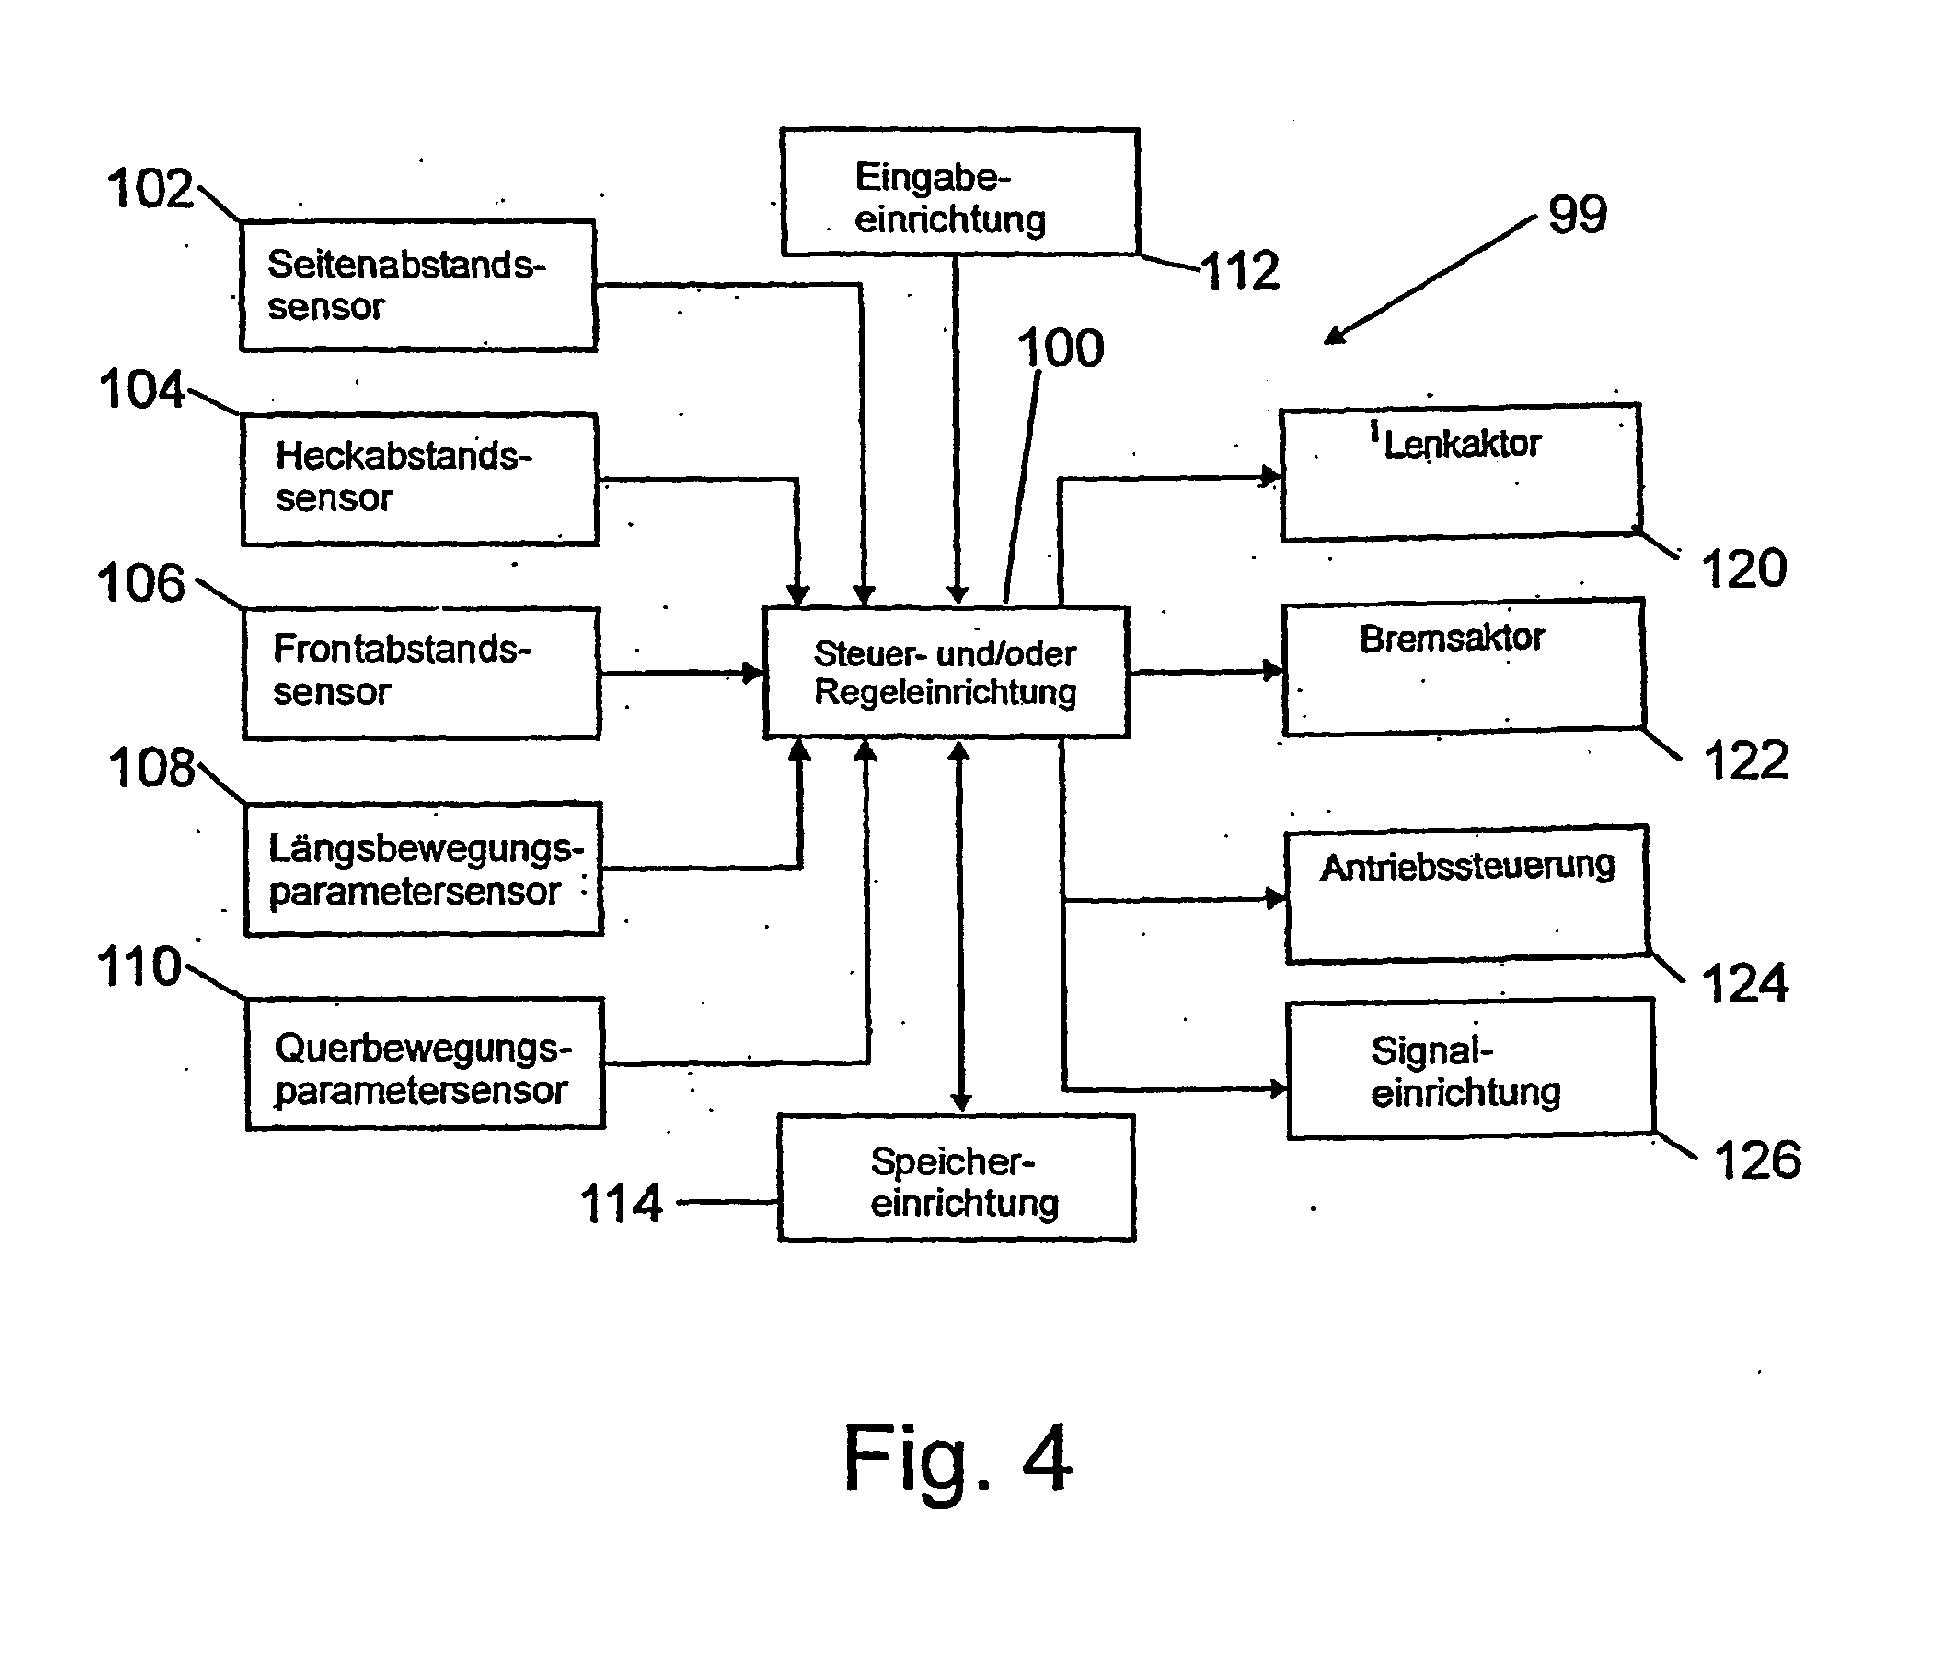 patent ep1812272b1 verfahren zur automatischen steuerung und oder regelung einer bewegung. Black Bedroom Furniture Sets. Home Design Ideas